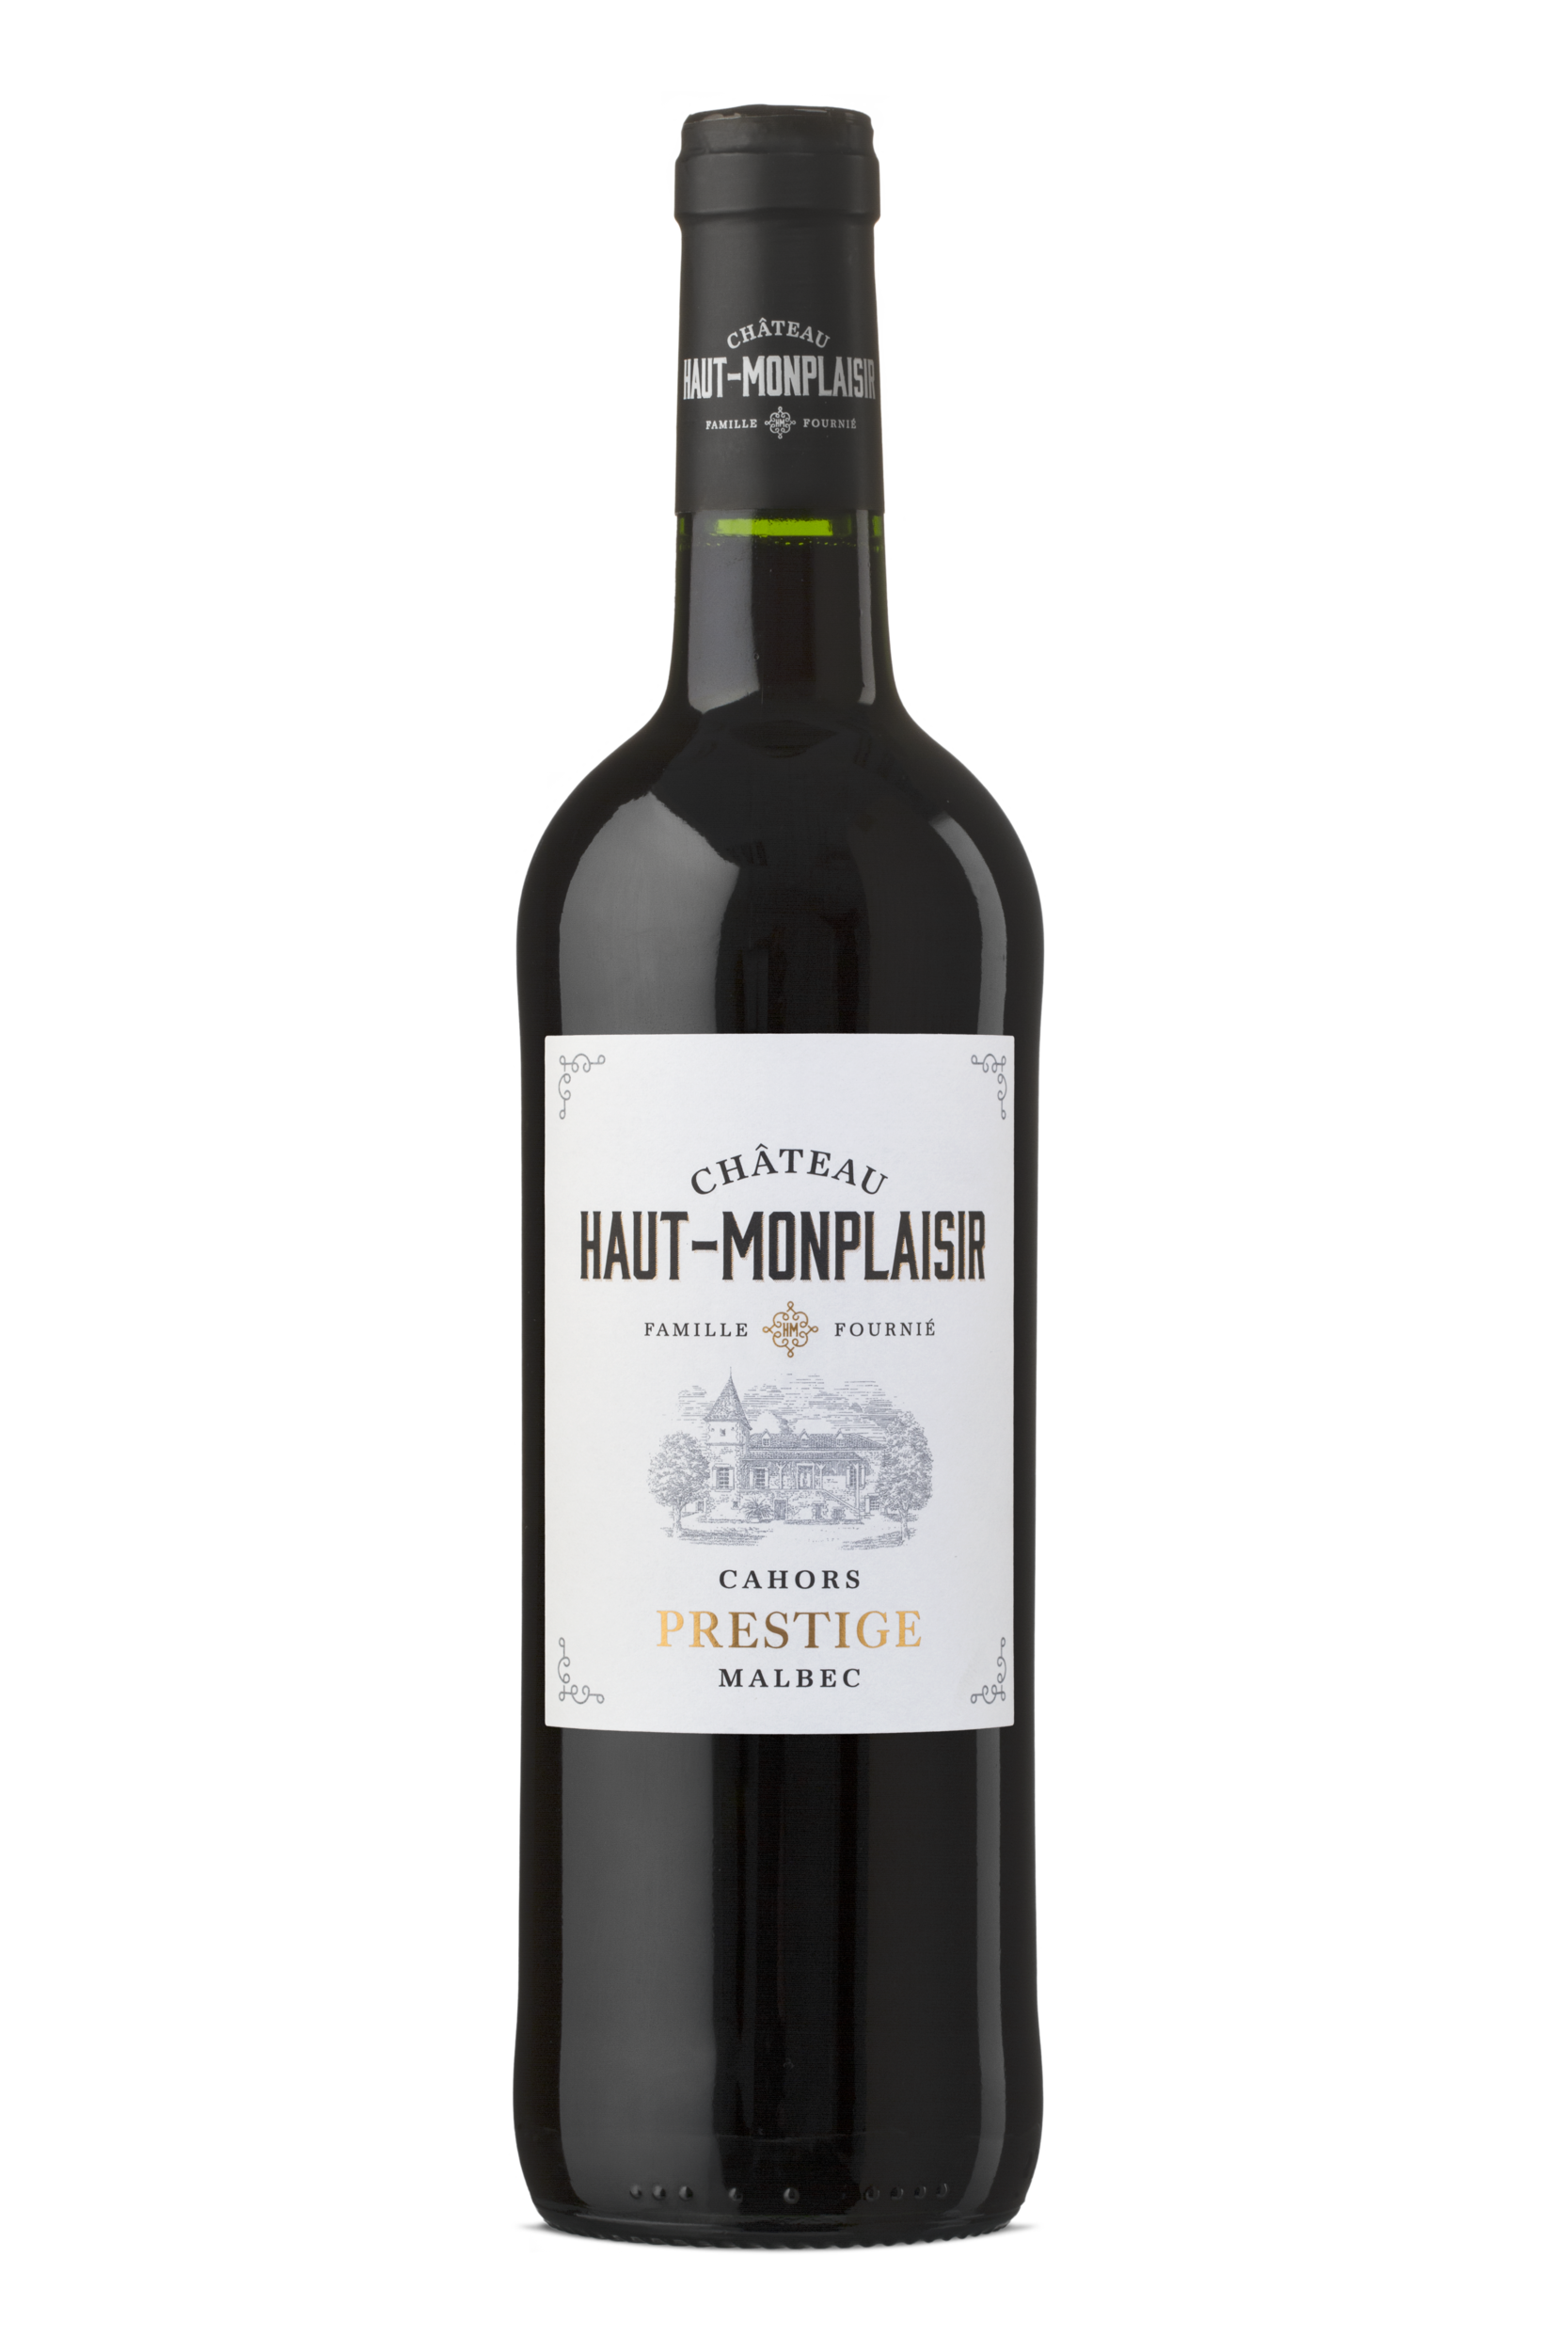 Cahors - Prestige - Château Haut-Monplaisir - 2015 - BIO